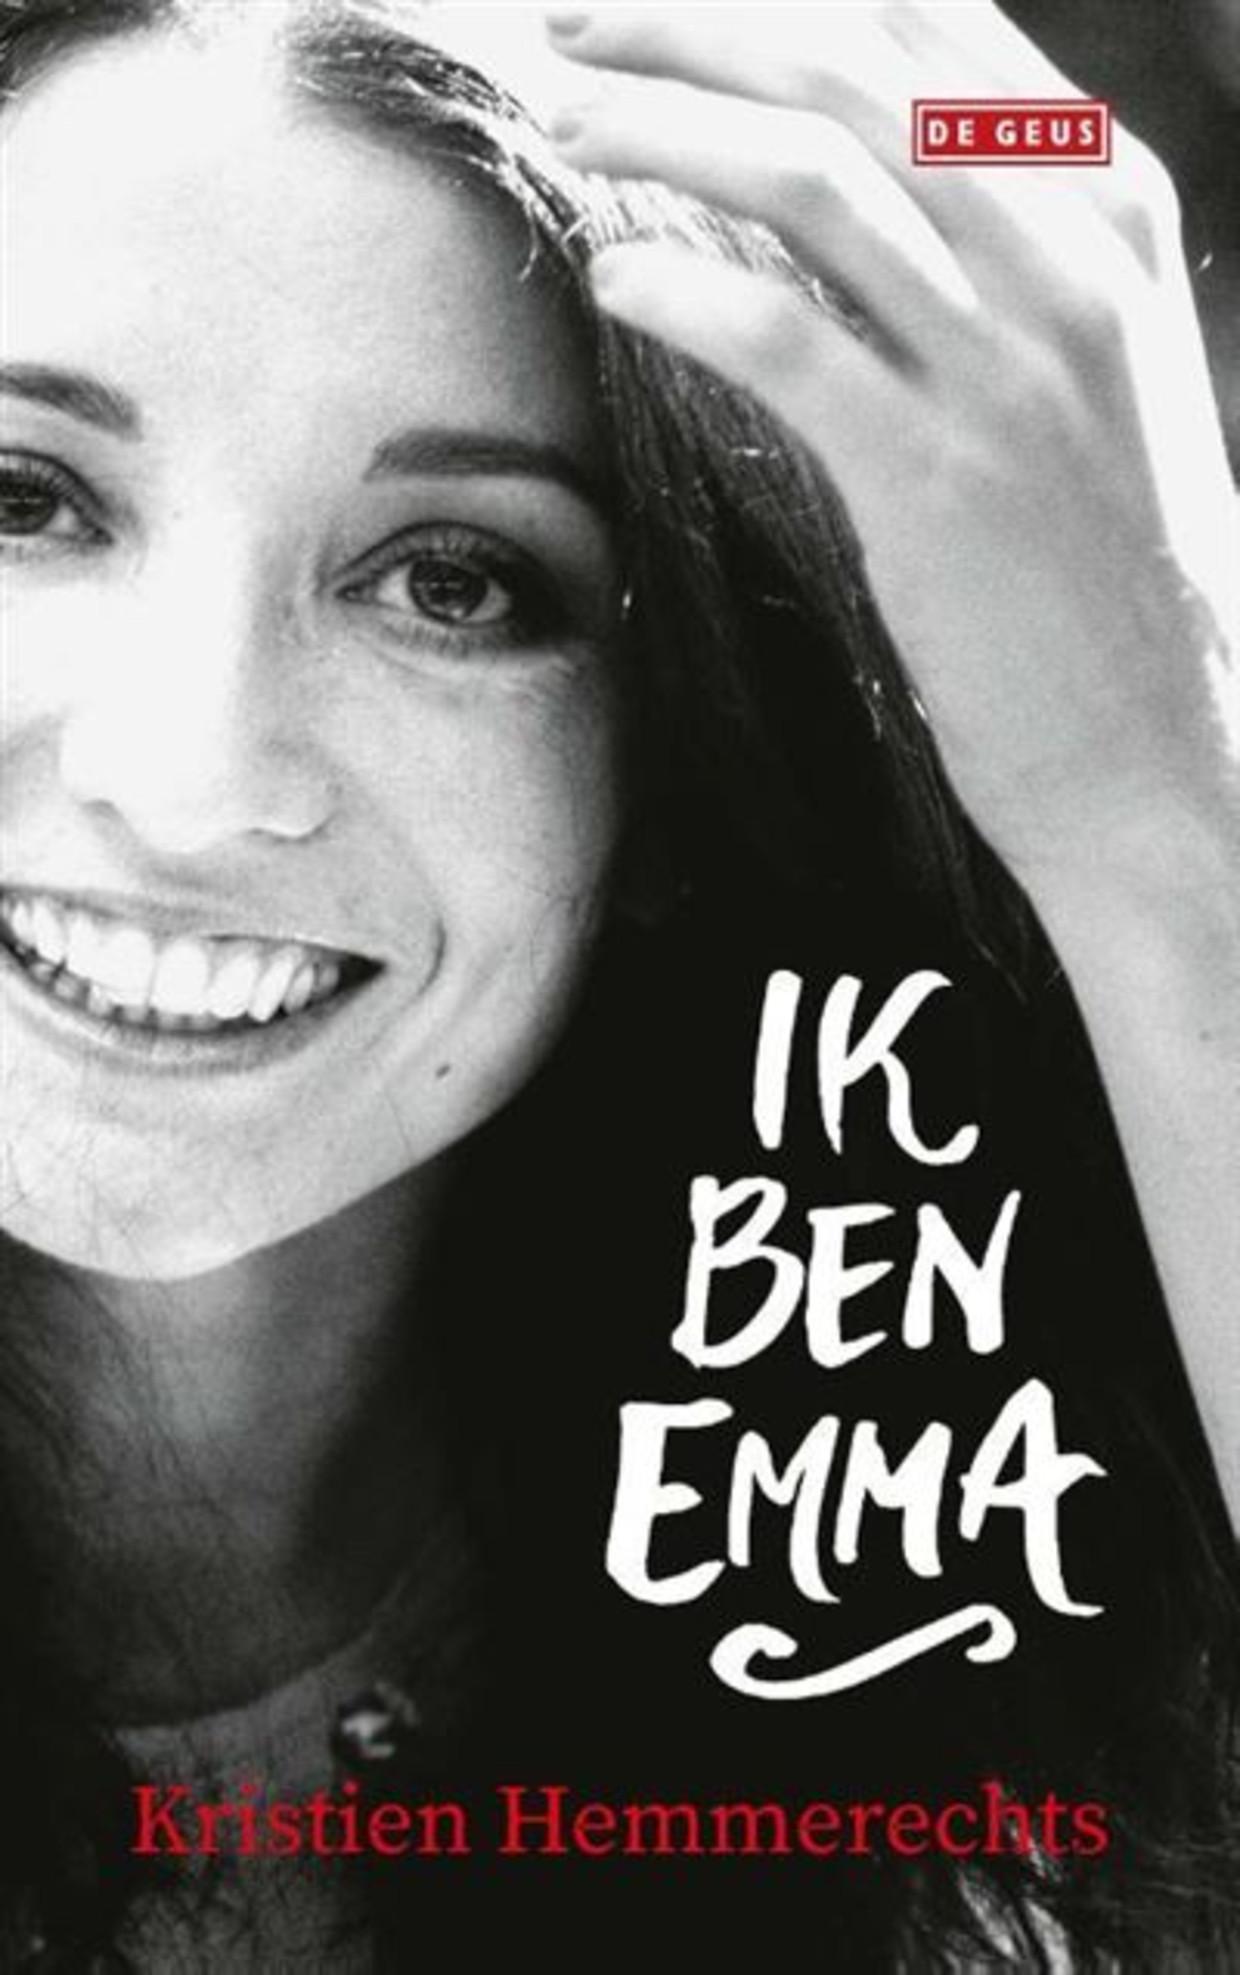 Ik ben Emma - Kristien Hemmerechts Beeld De Geus